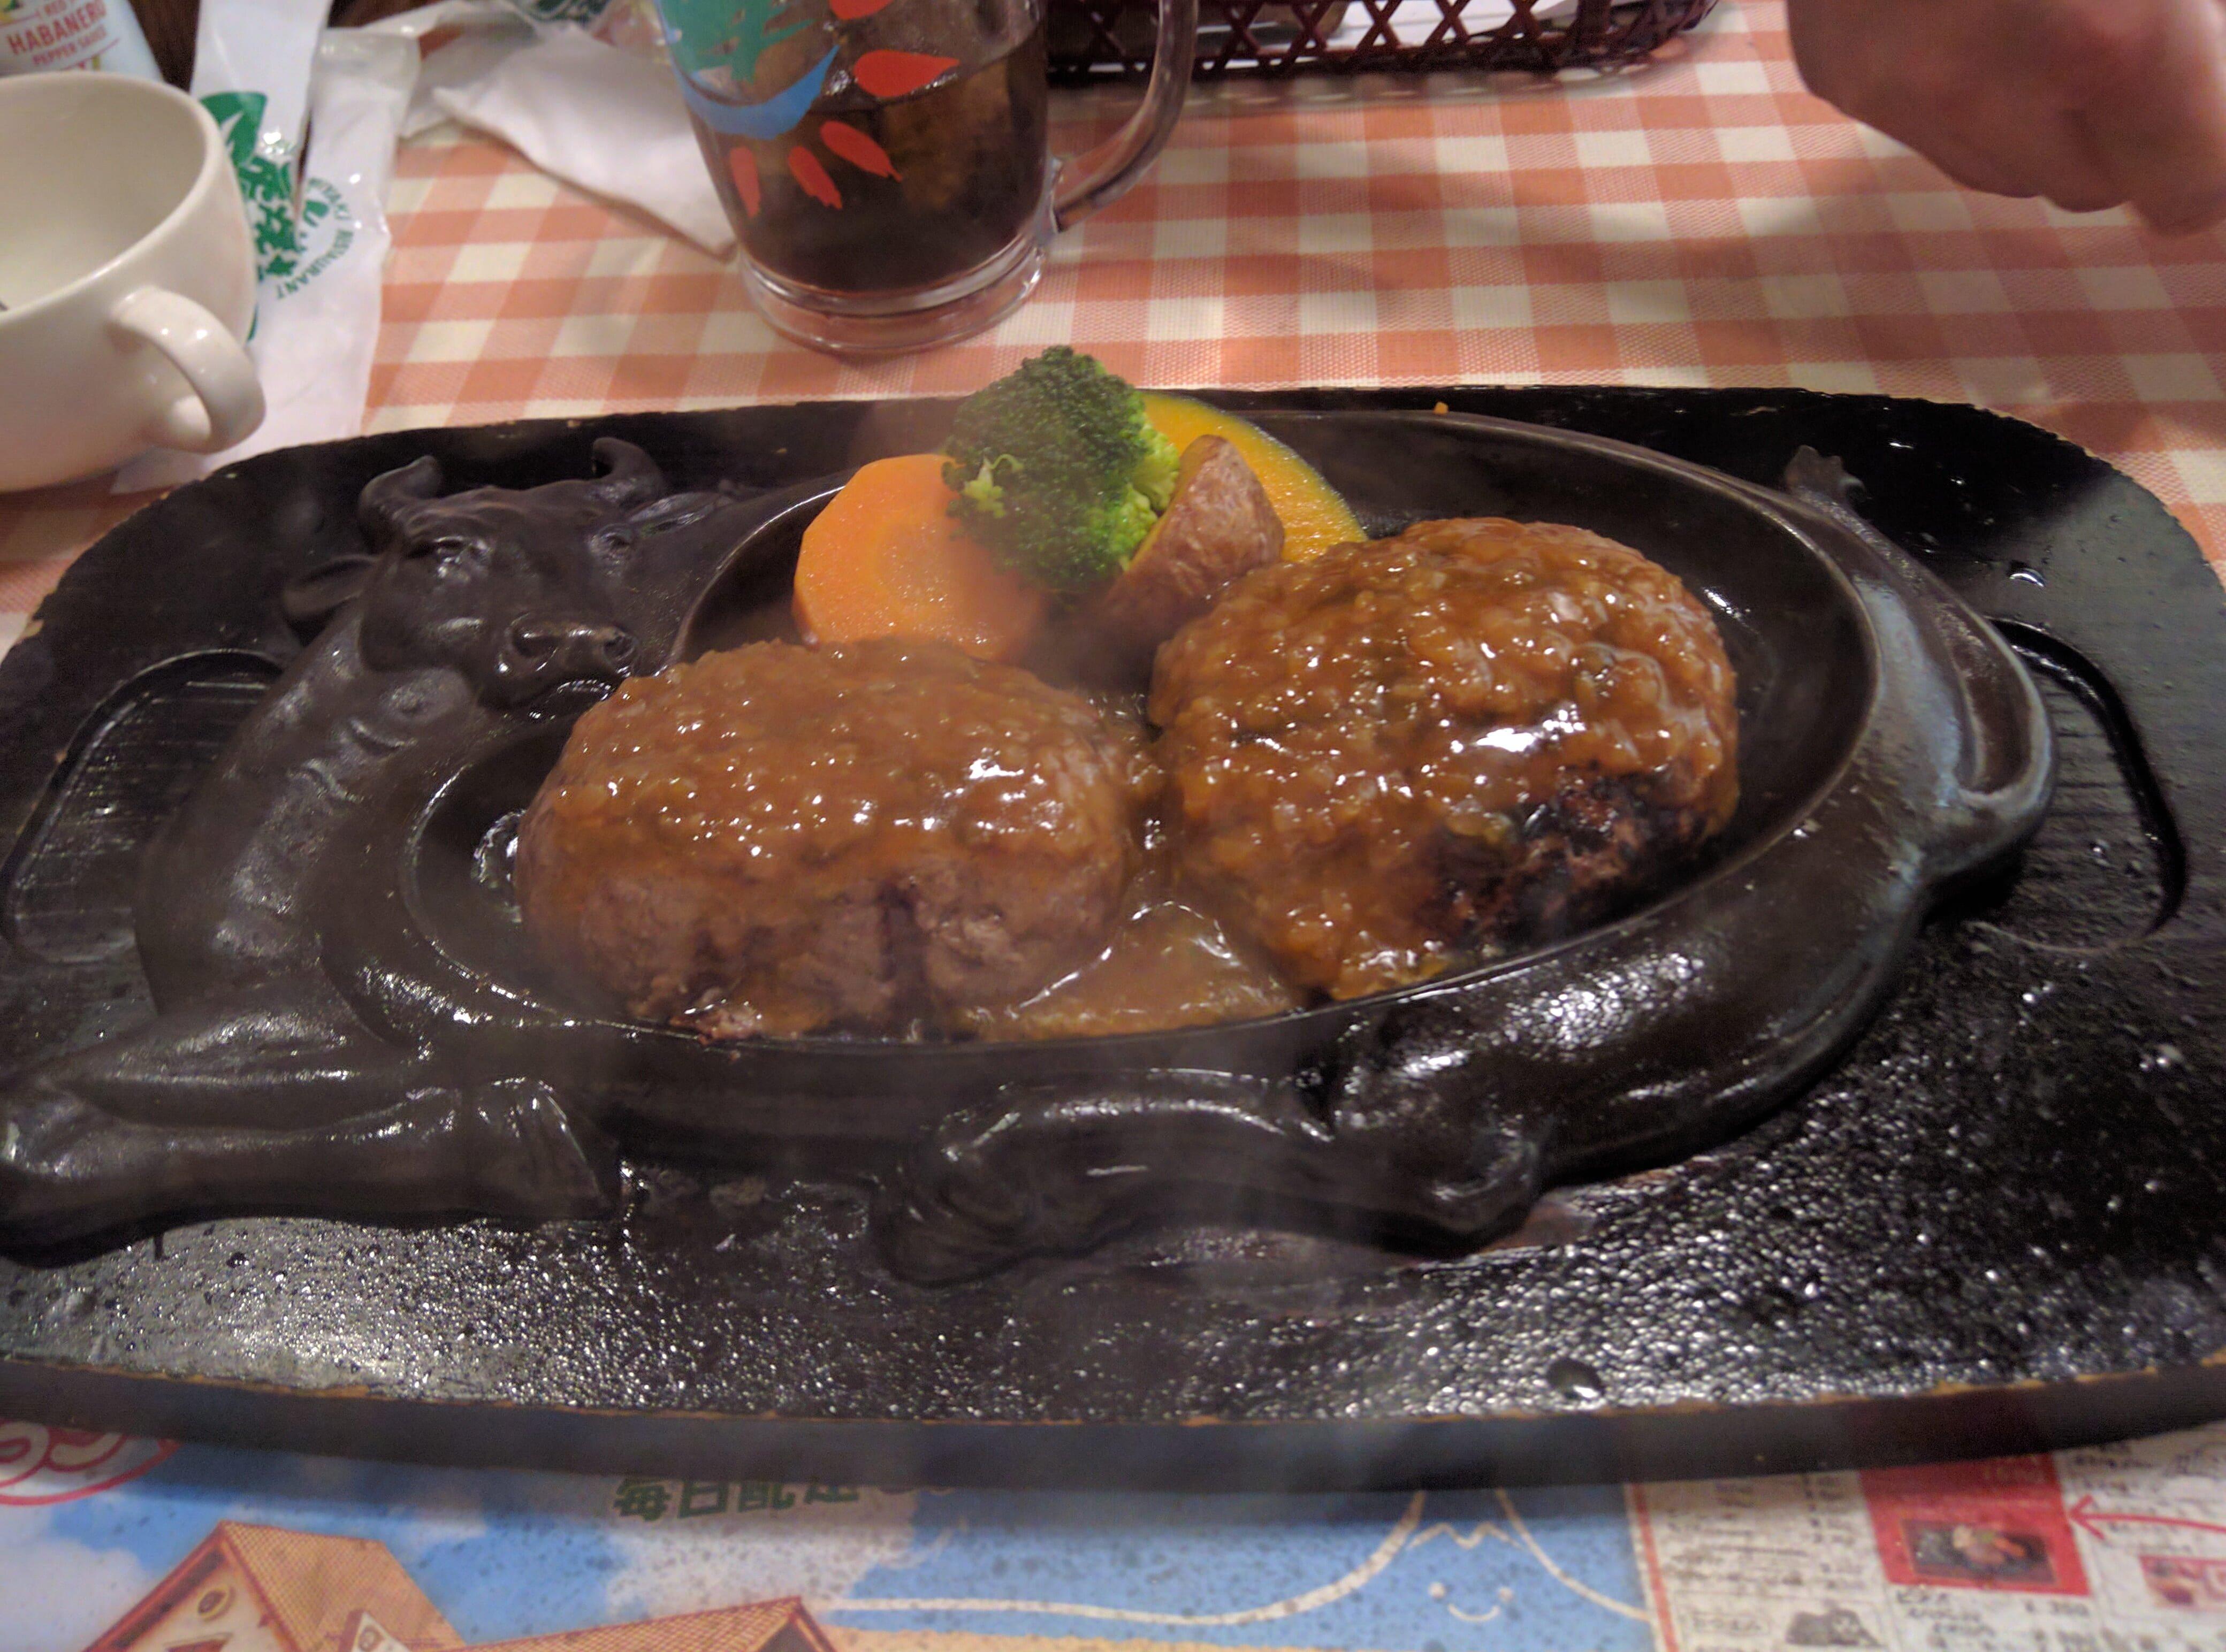 サウナの聖地!サウナー絶賛の最高サウナ&水風呂 ~ 静岡市 サウナしきじ